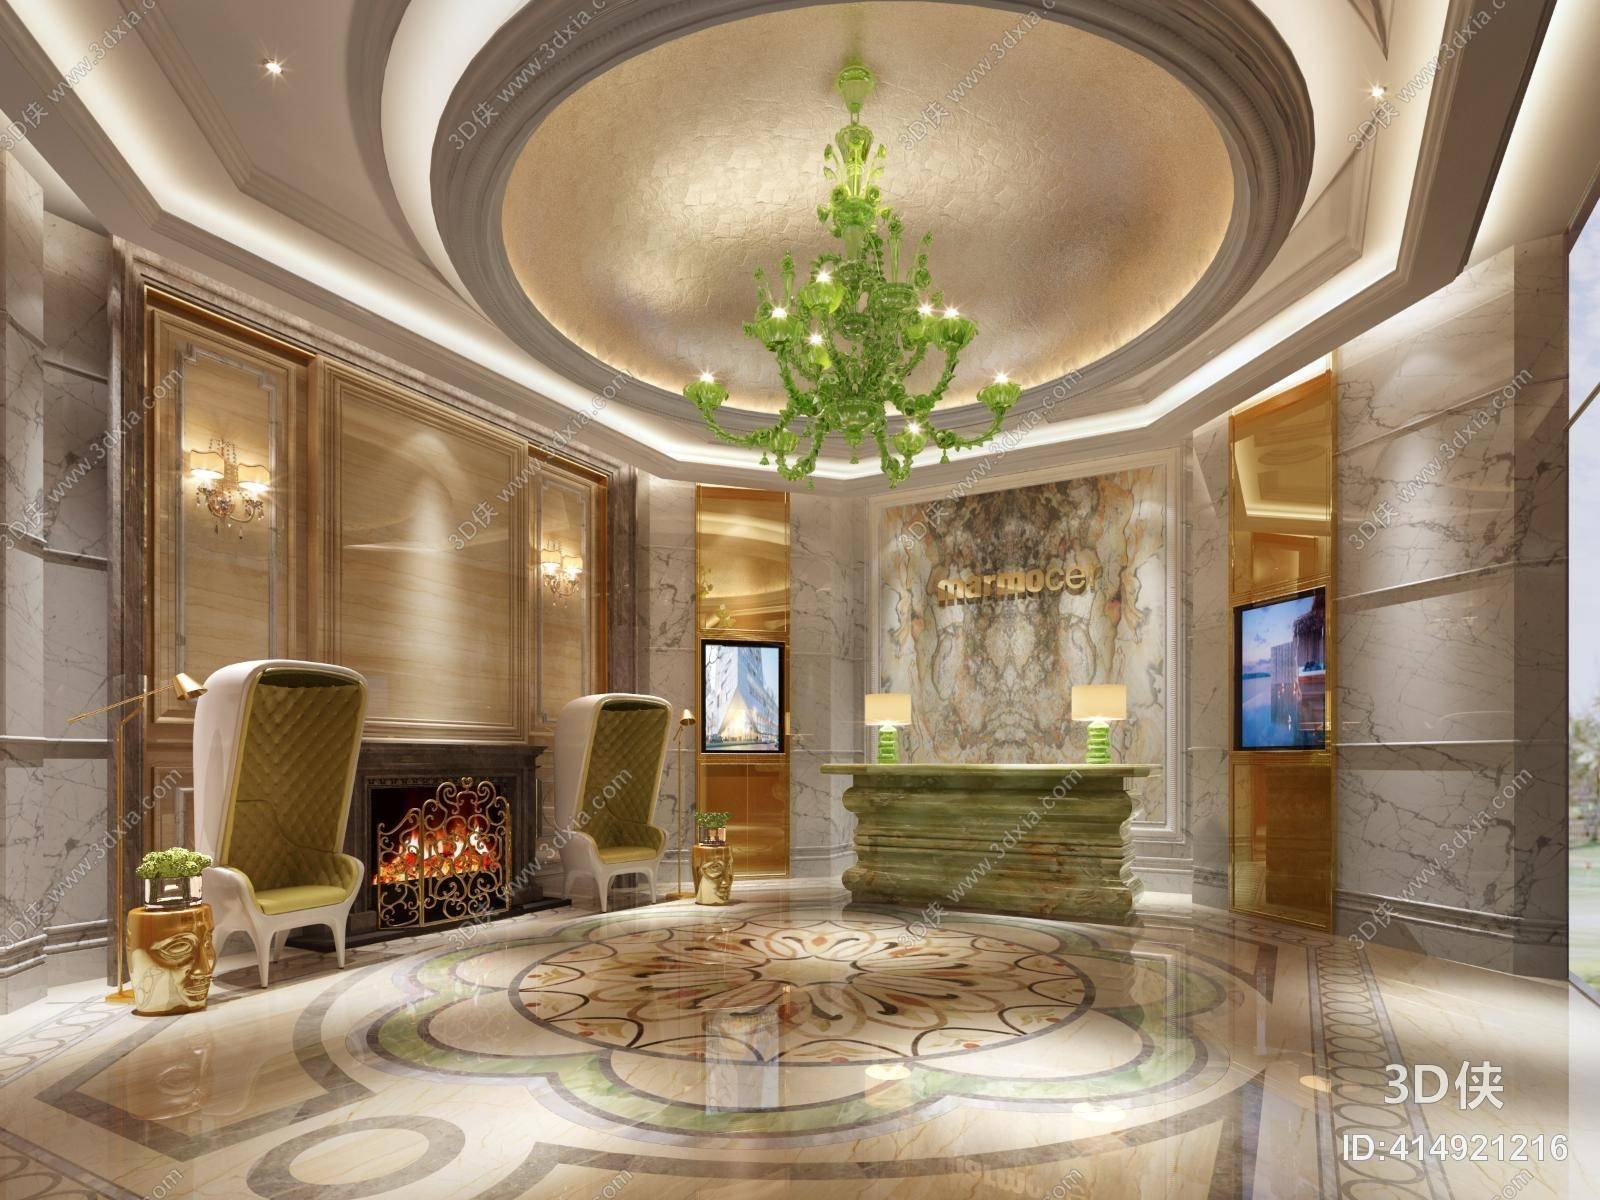 现代白色蛋壳椅 现代绿色大理石前台桌 长方形大理石壁炉装饰墙